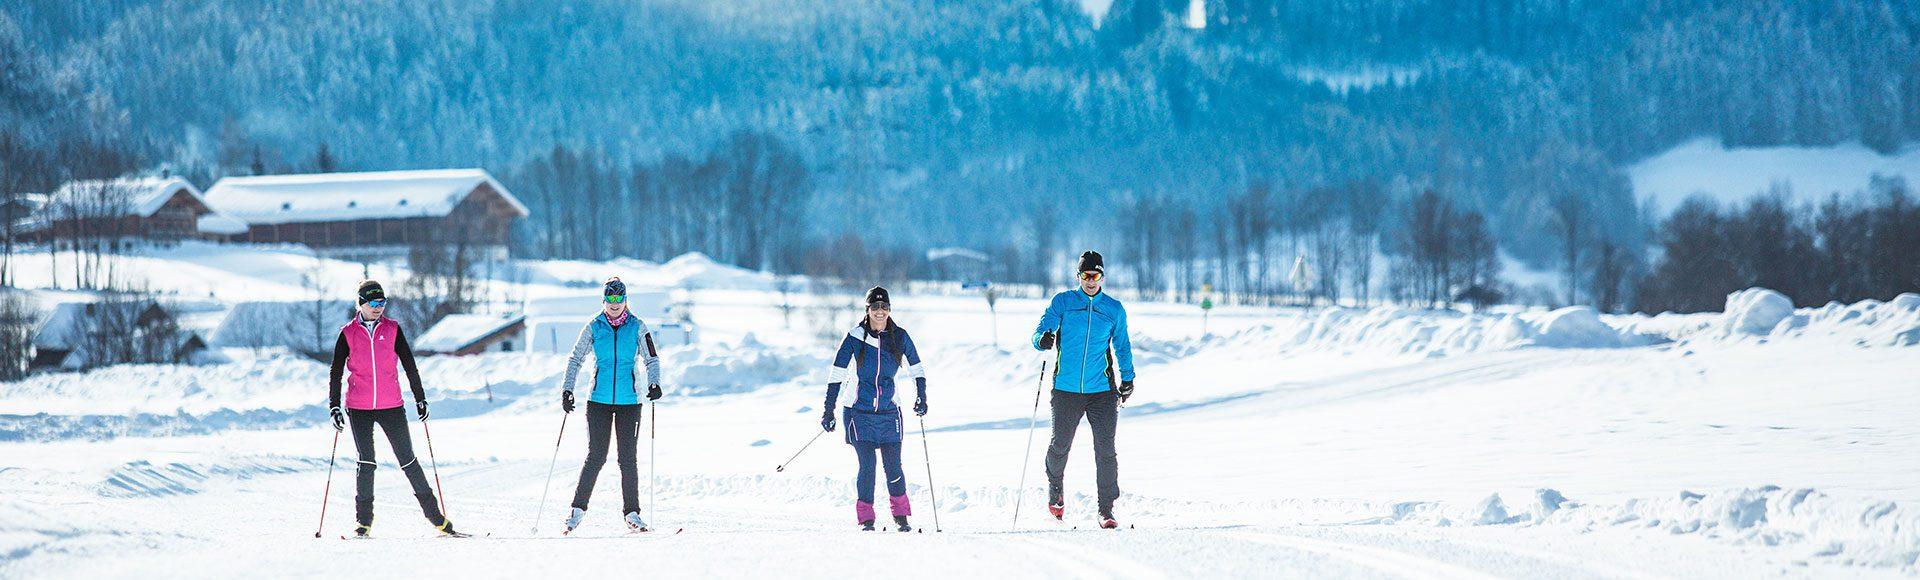 Langlaufen Winterurlaub Tourismusverband Radstadt Markus Rohrbacher 1